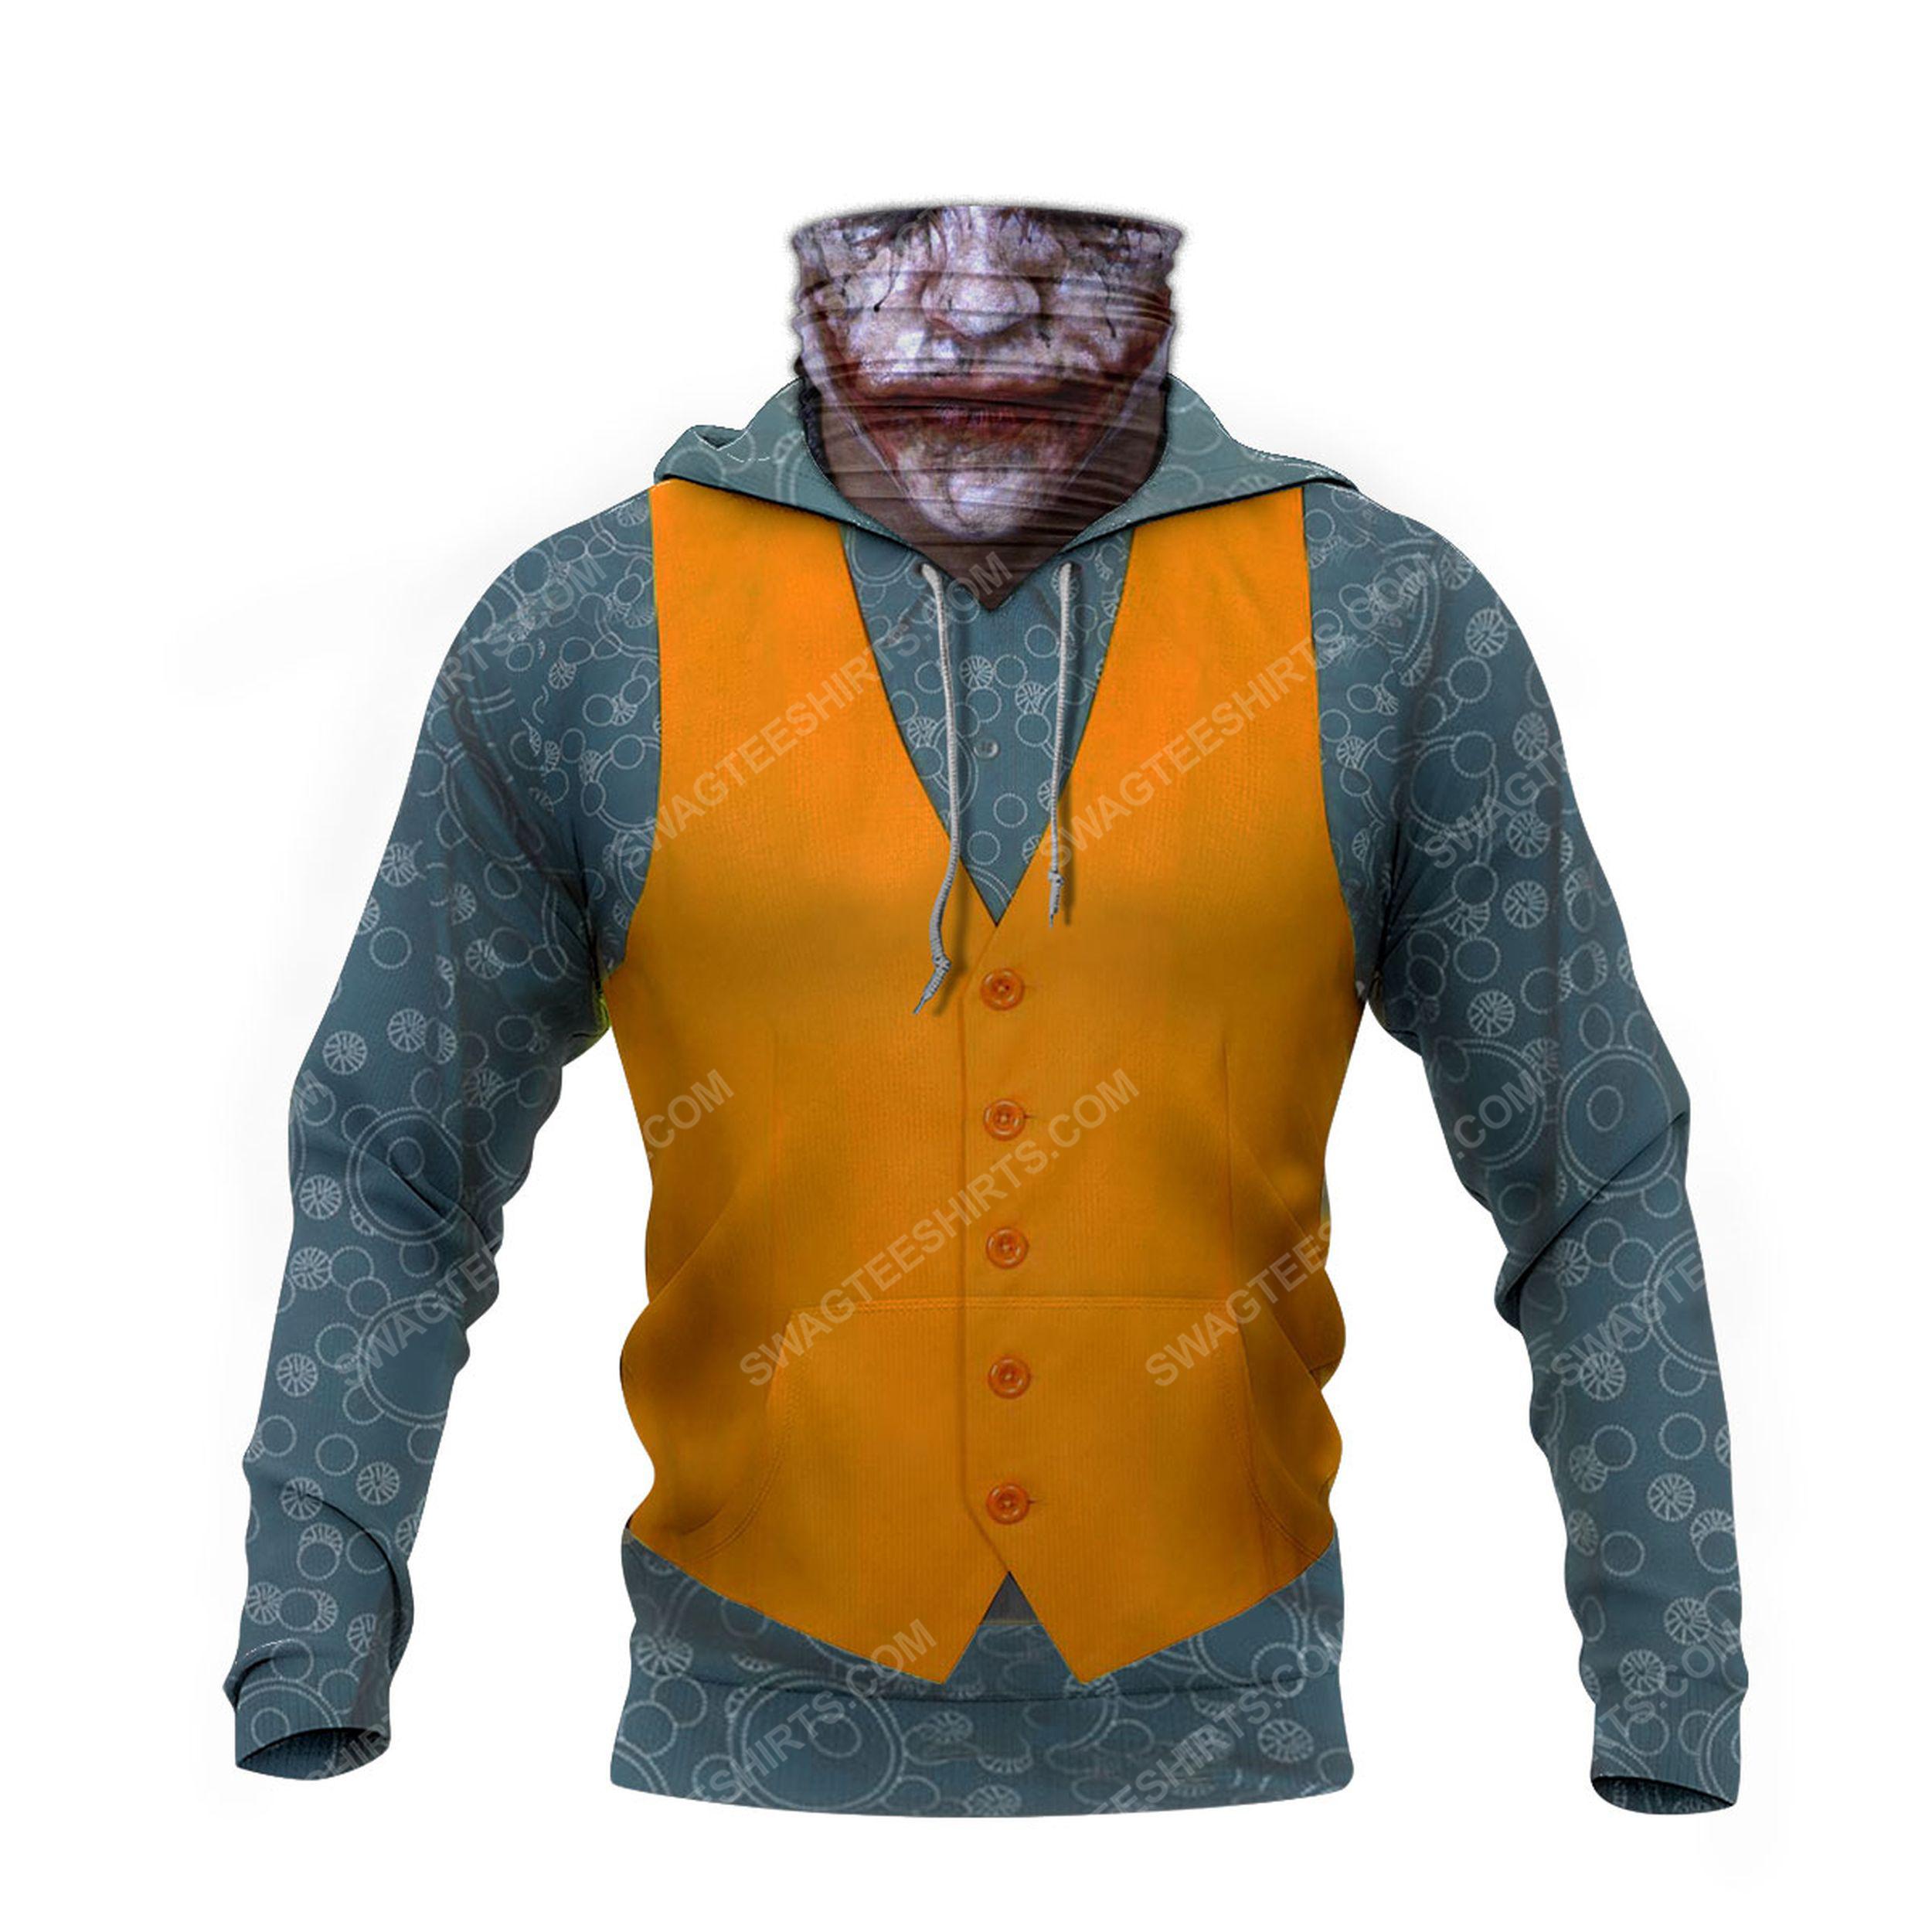 The joker movie full print mask hoodie 4(1)